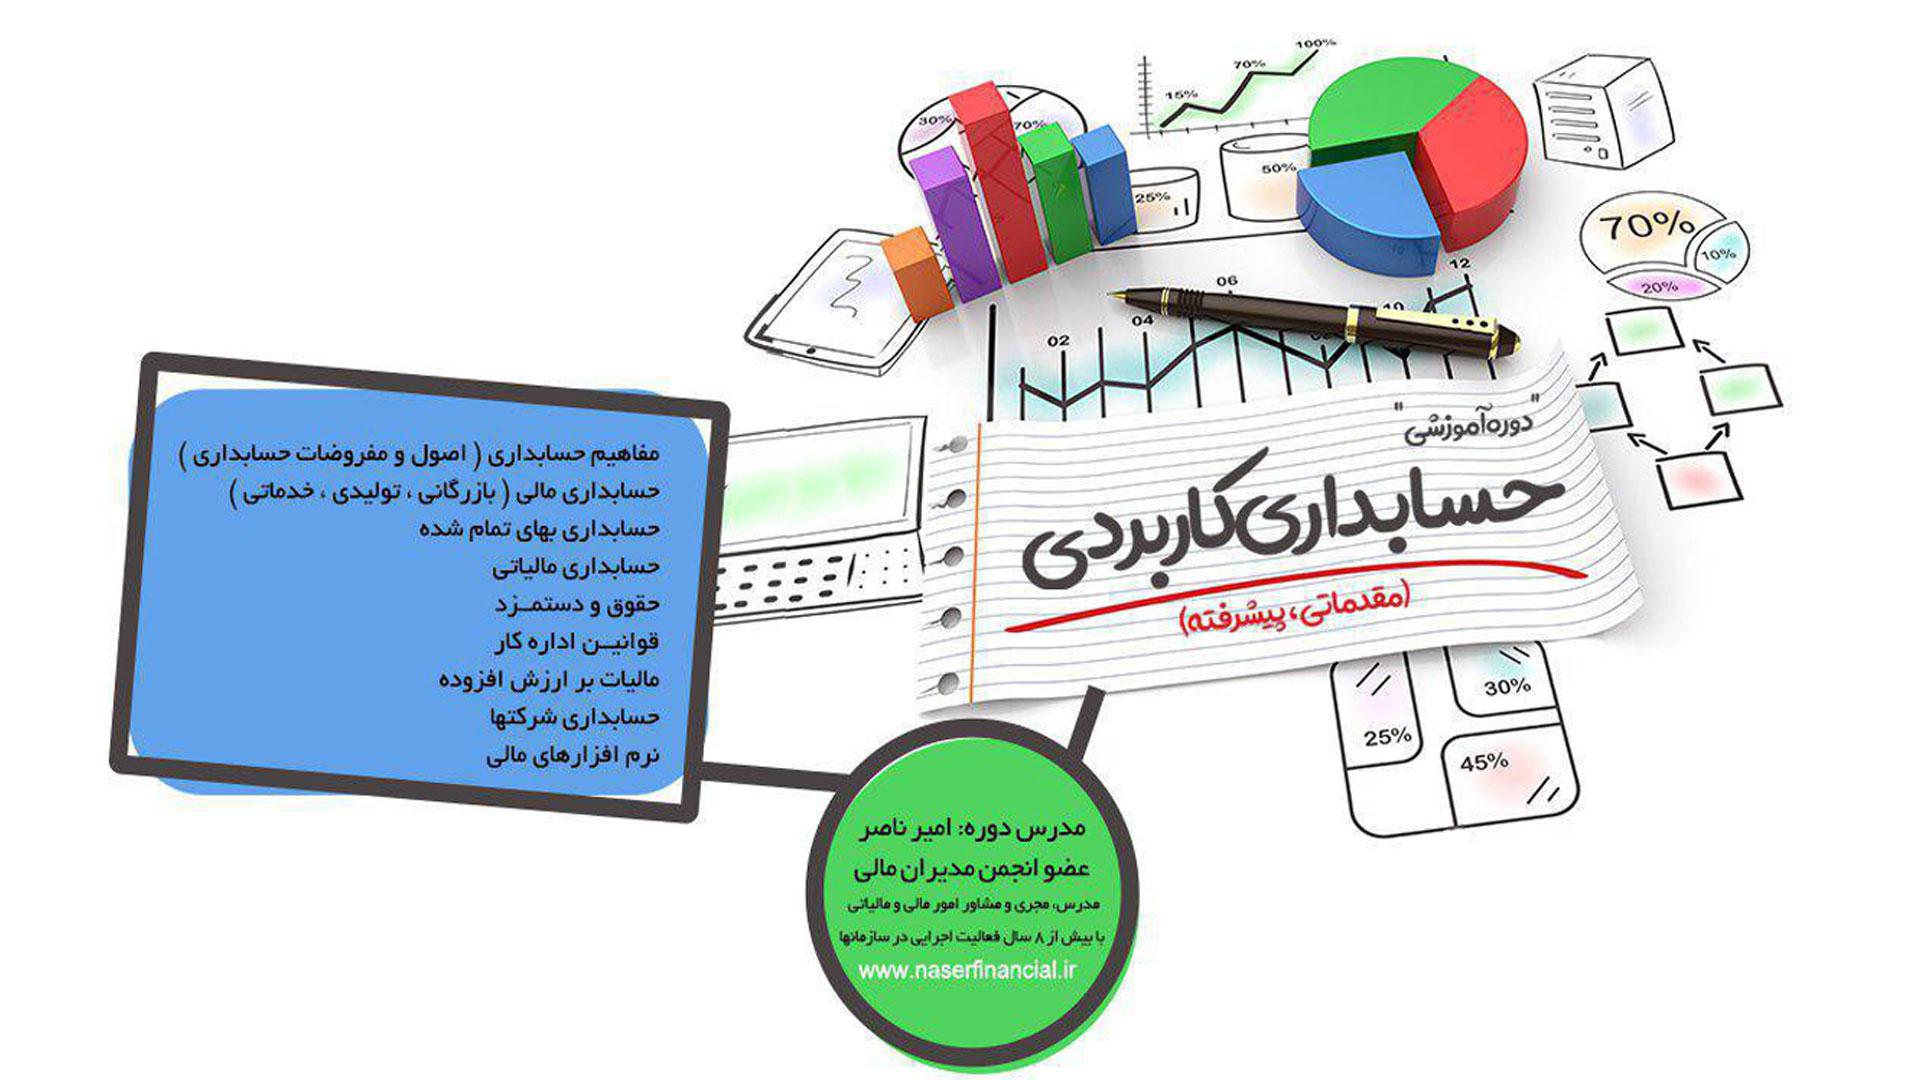 دوره آموزشی حسابداری کاربردی